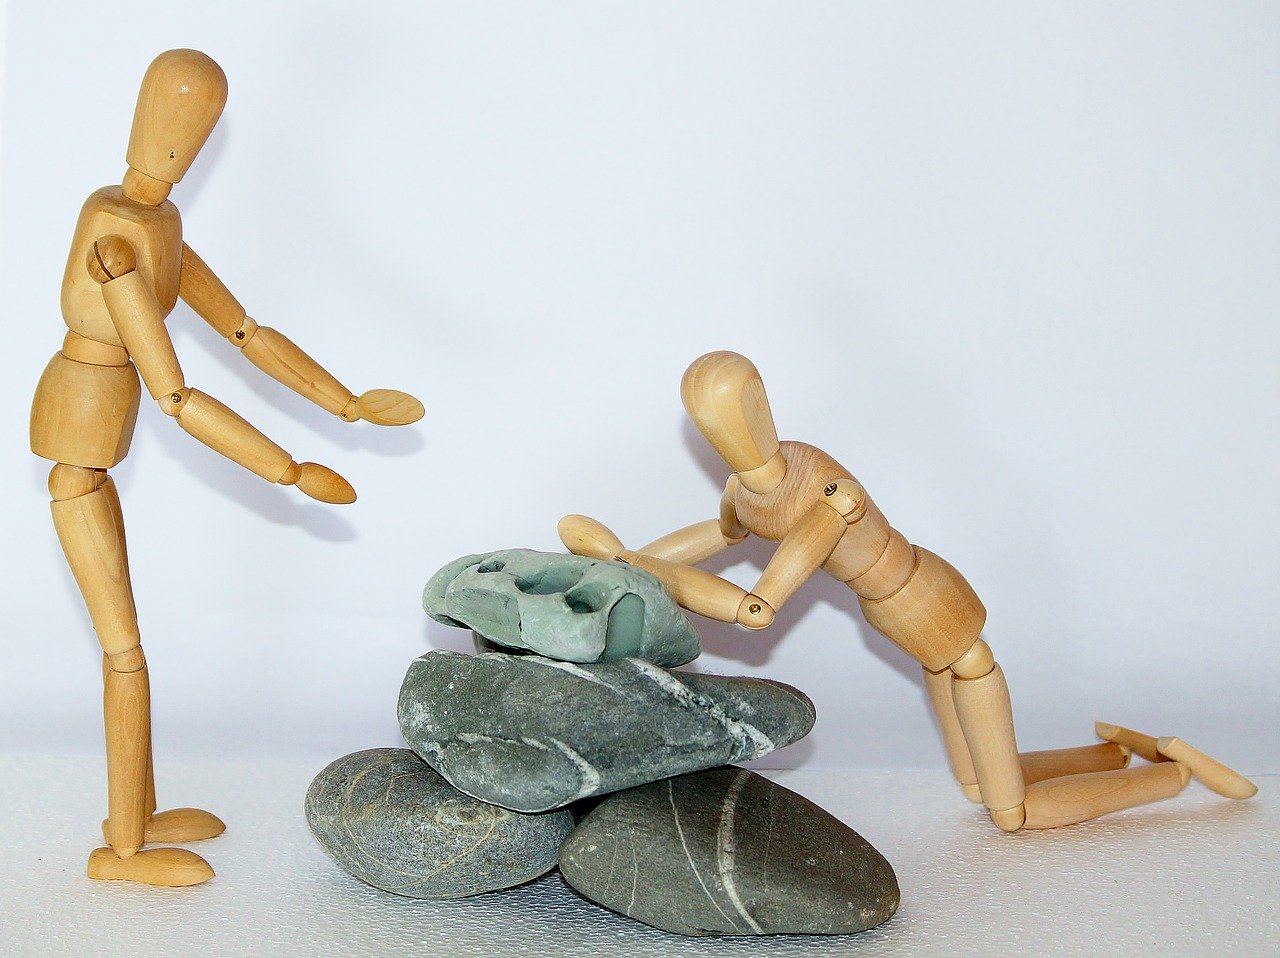 wooden-figures-980774_1280_queda_ajuda